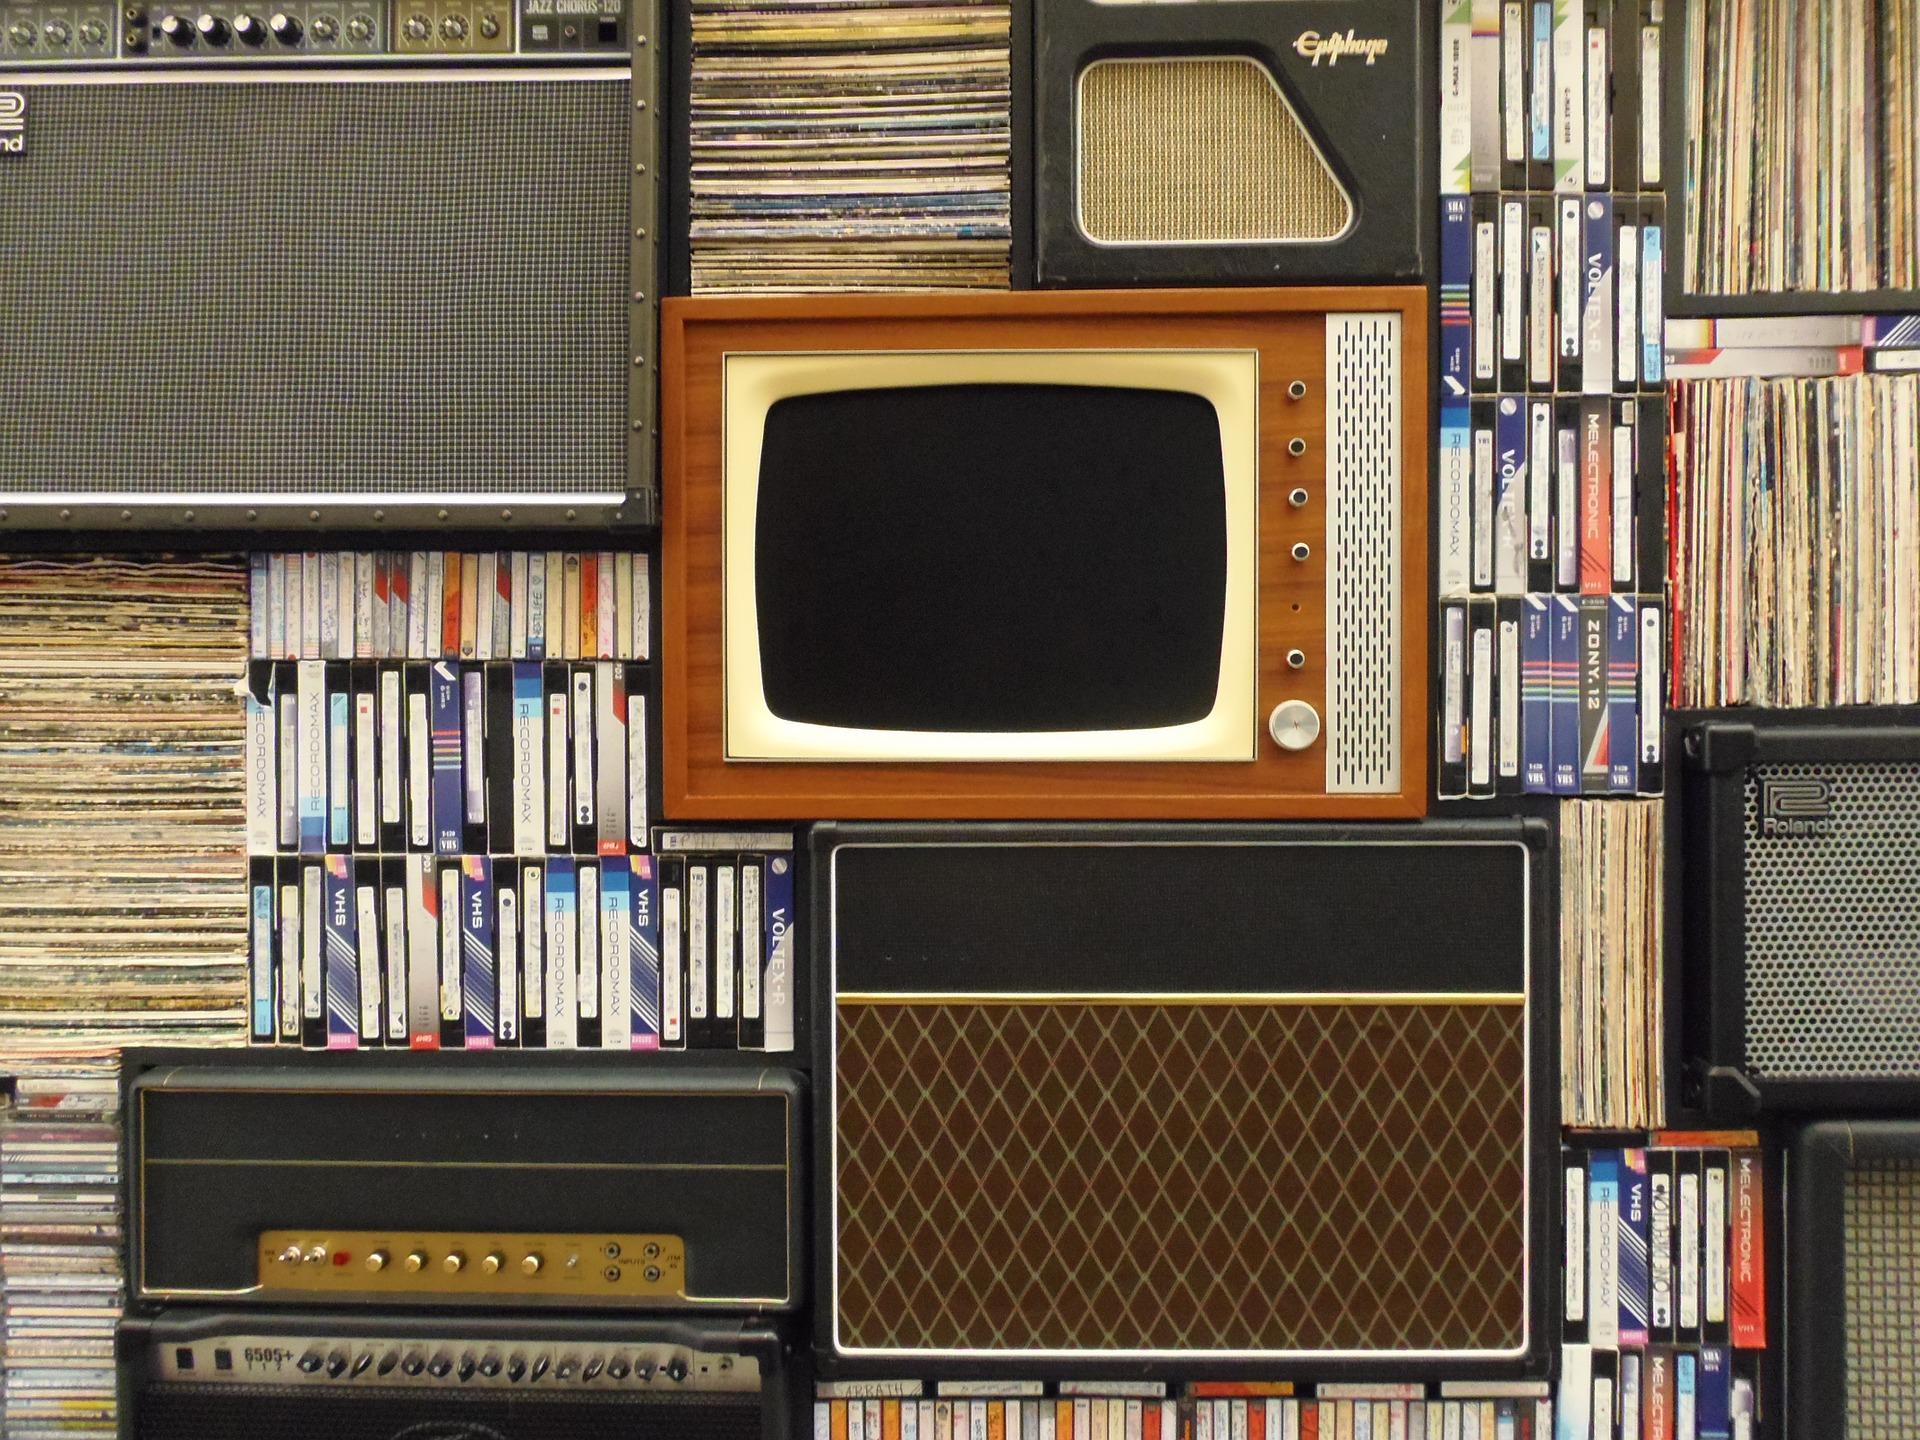 zabytkowy telewizor vintage